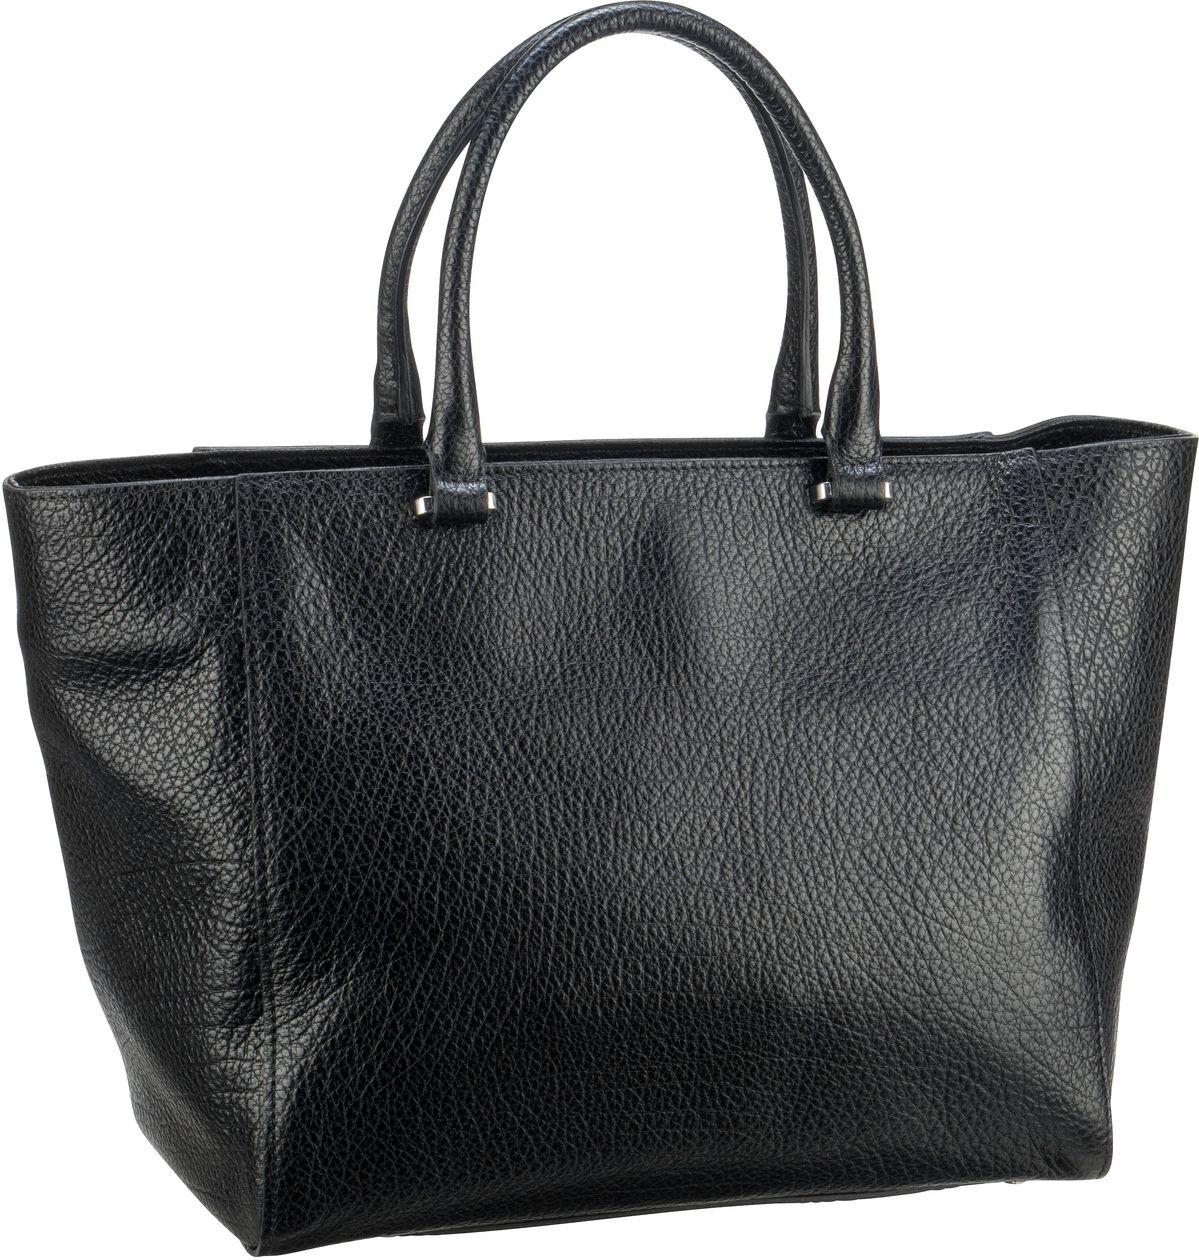 Shopper für Frauen - abro Shopper Babilonia 28643 Black Nickel  - Onlineshop Taschenkaufhaus